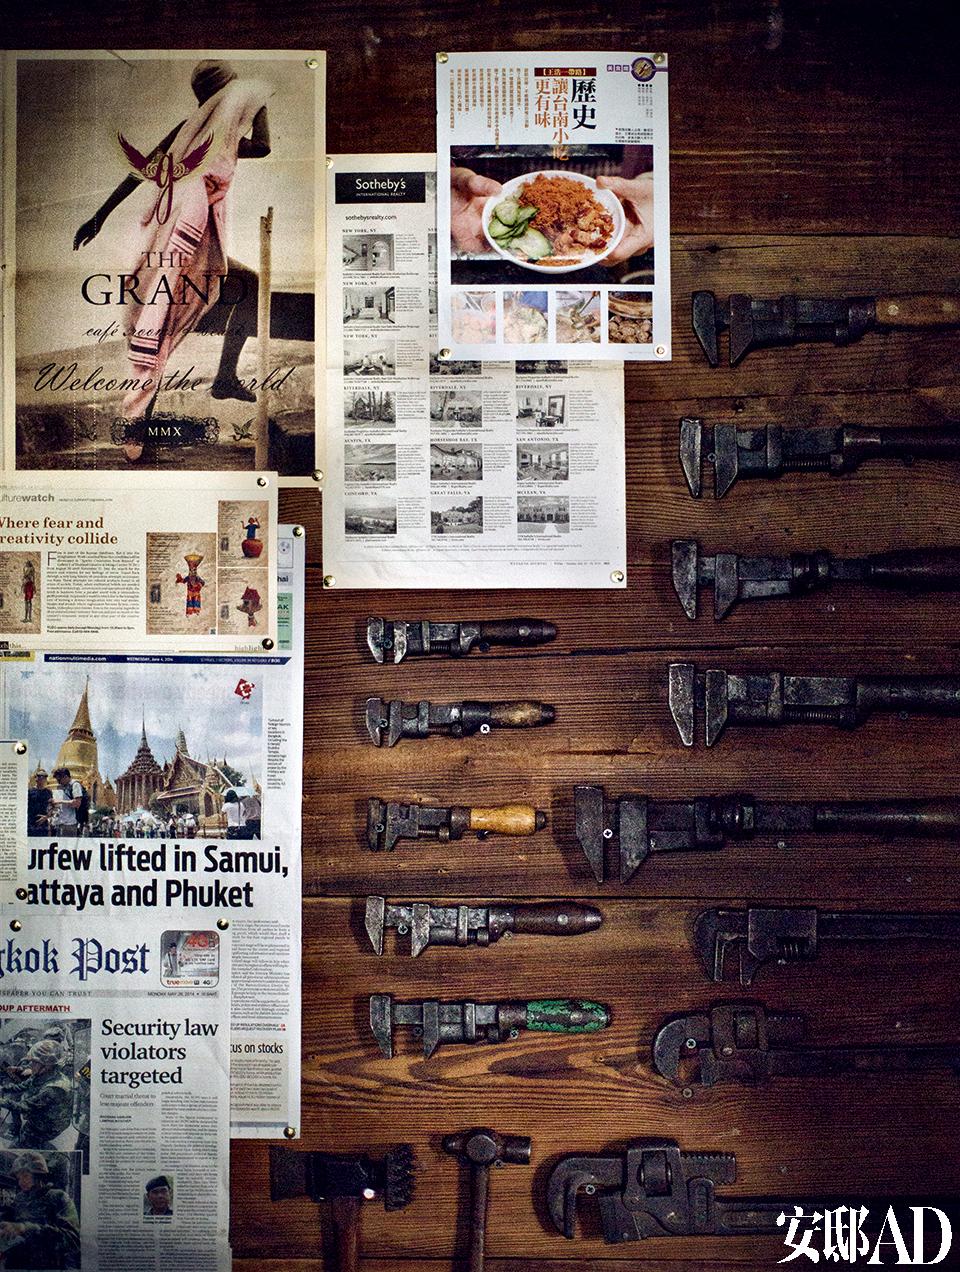 工作桌前的墙上挂着搜集回来的剪报和老工具,也算是一种另类的装饰。